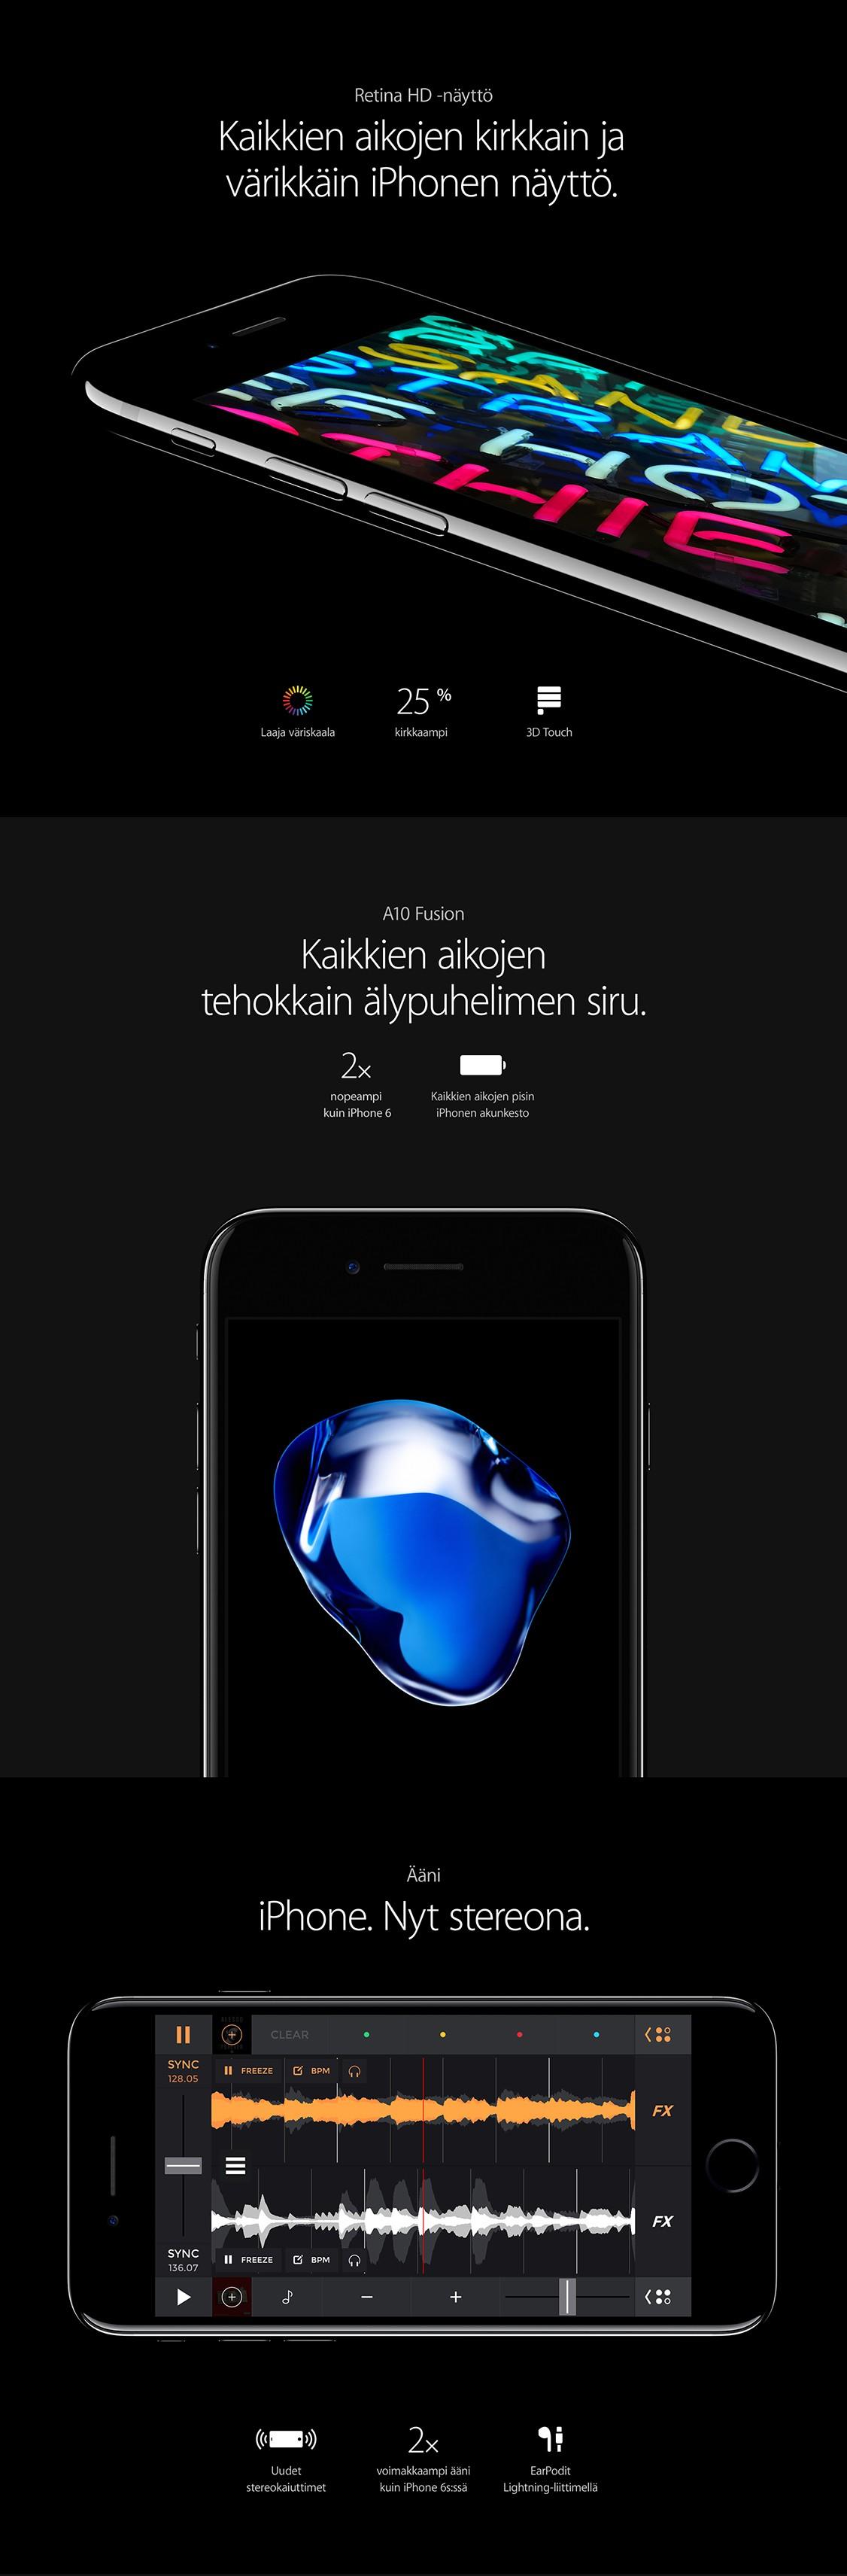 iPhone 7:ssä on kaikkien aikojen kirkkain iPhonen näyttö